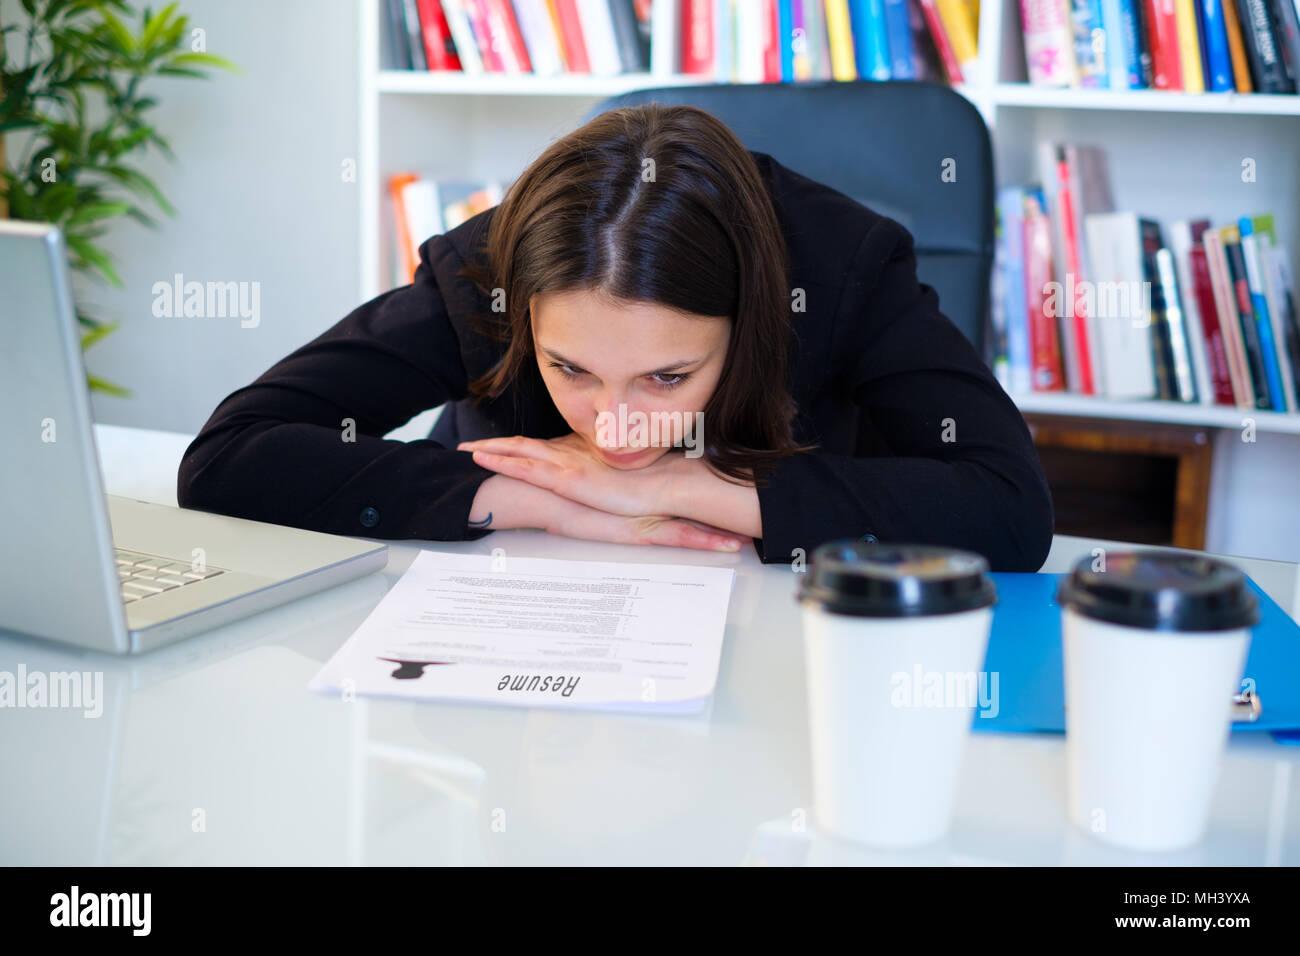 Junge Frau schreiben ihren Lebenslauf Lebenslauf für Vorstellungsgespräch Stockbild